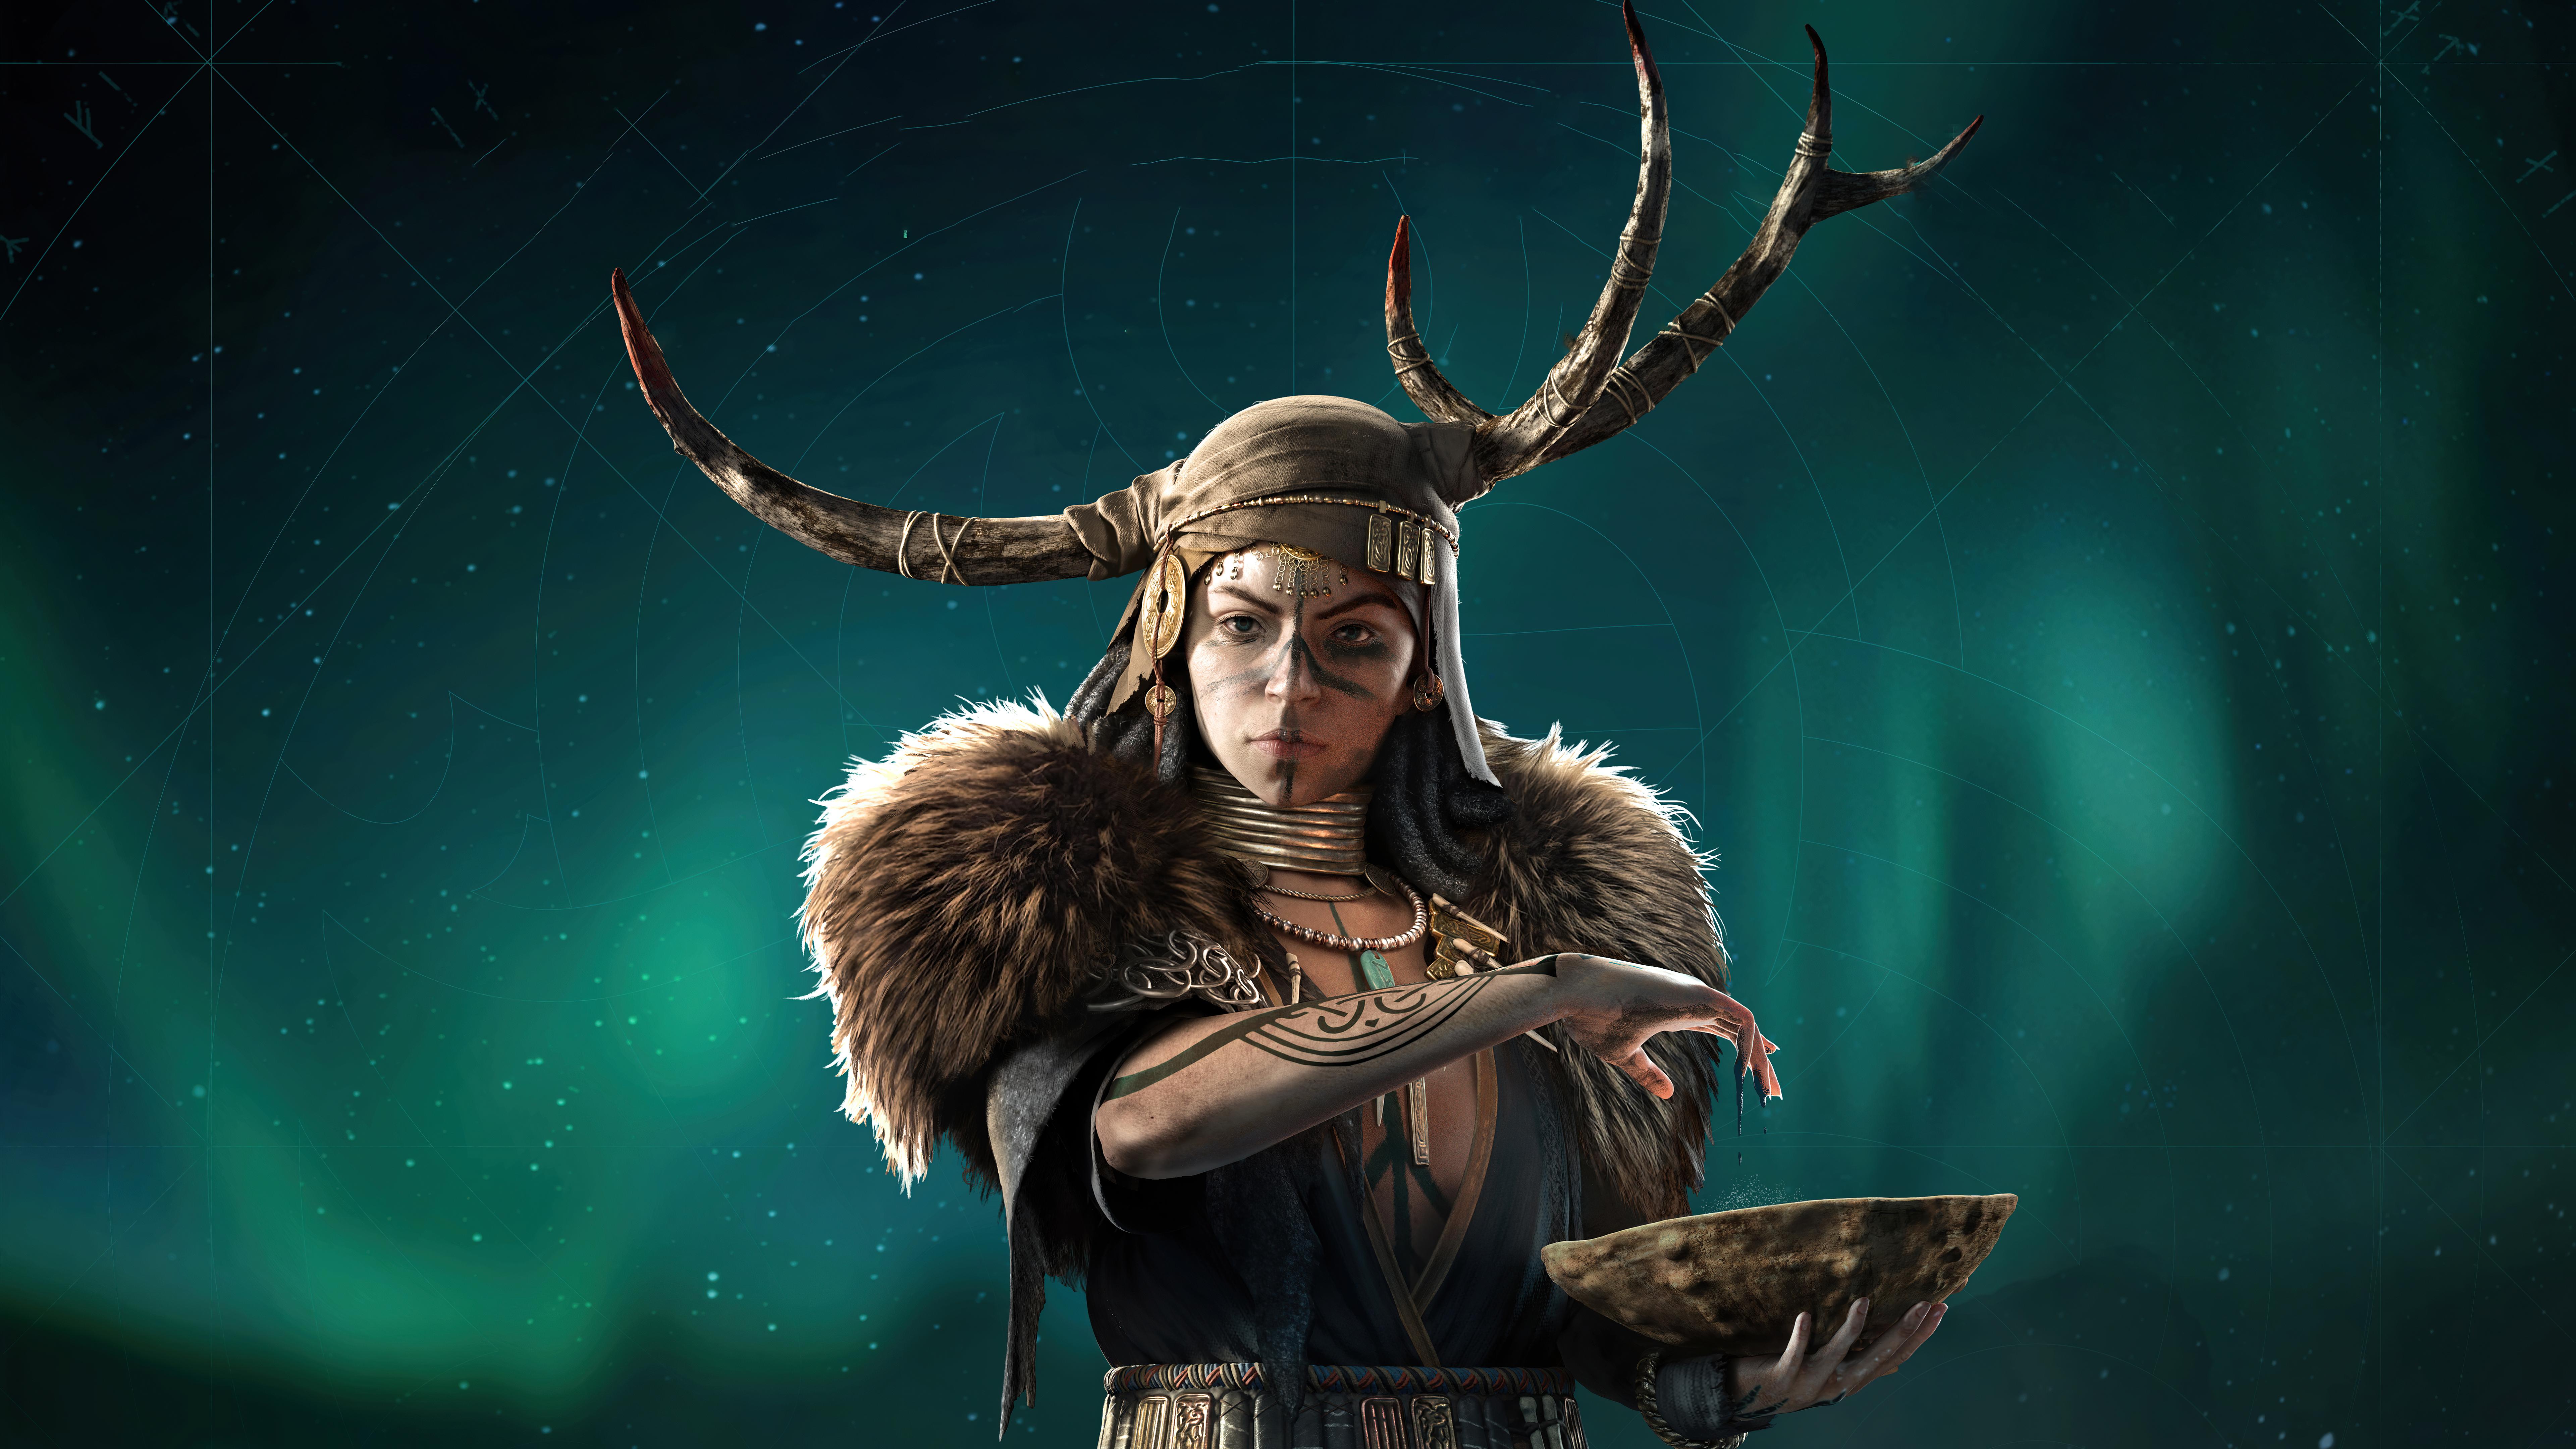 Fondos de pantalla Valka Assassins Creed Valhalla